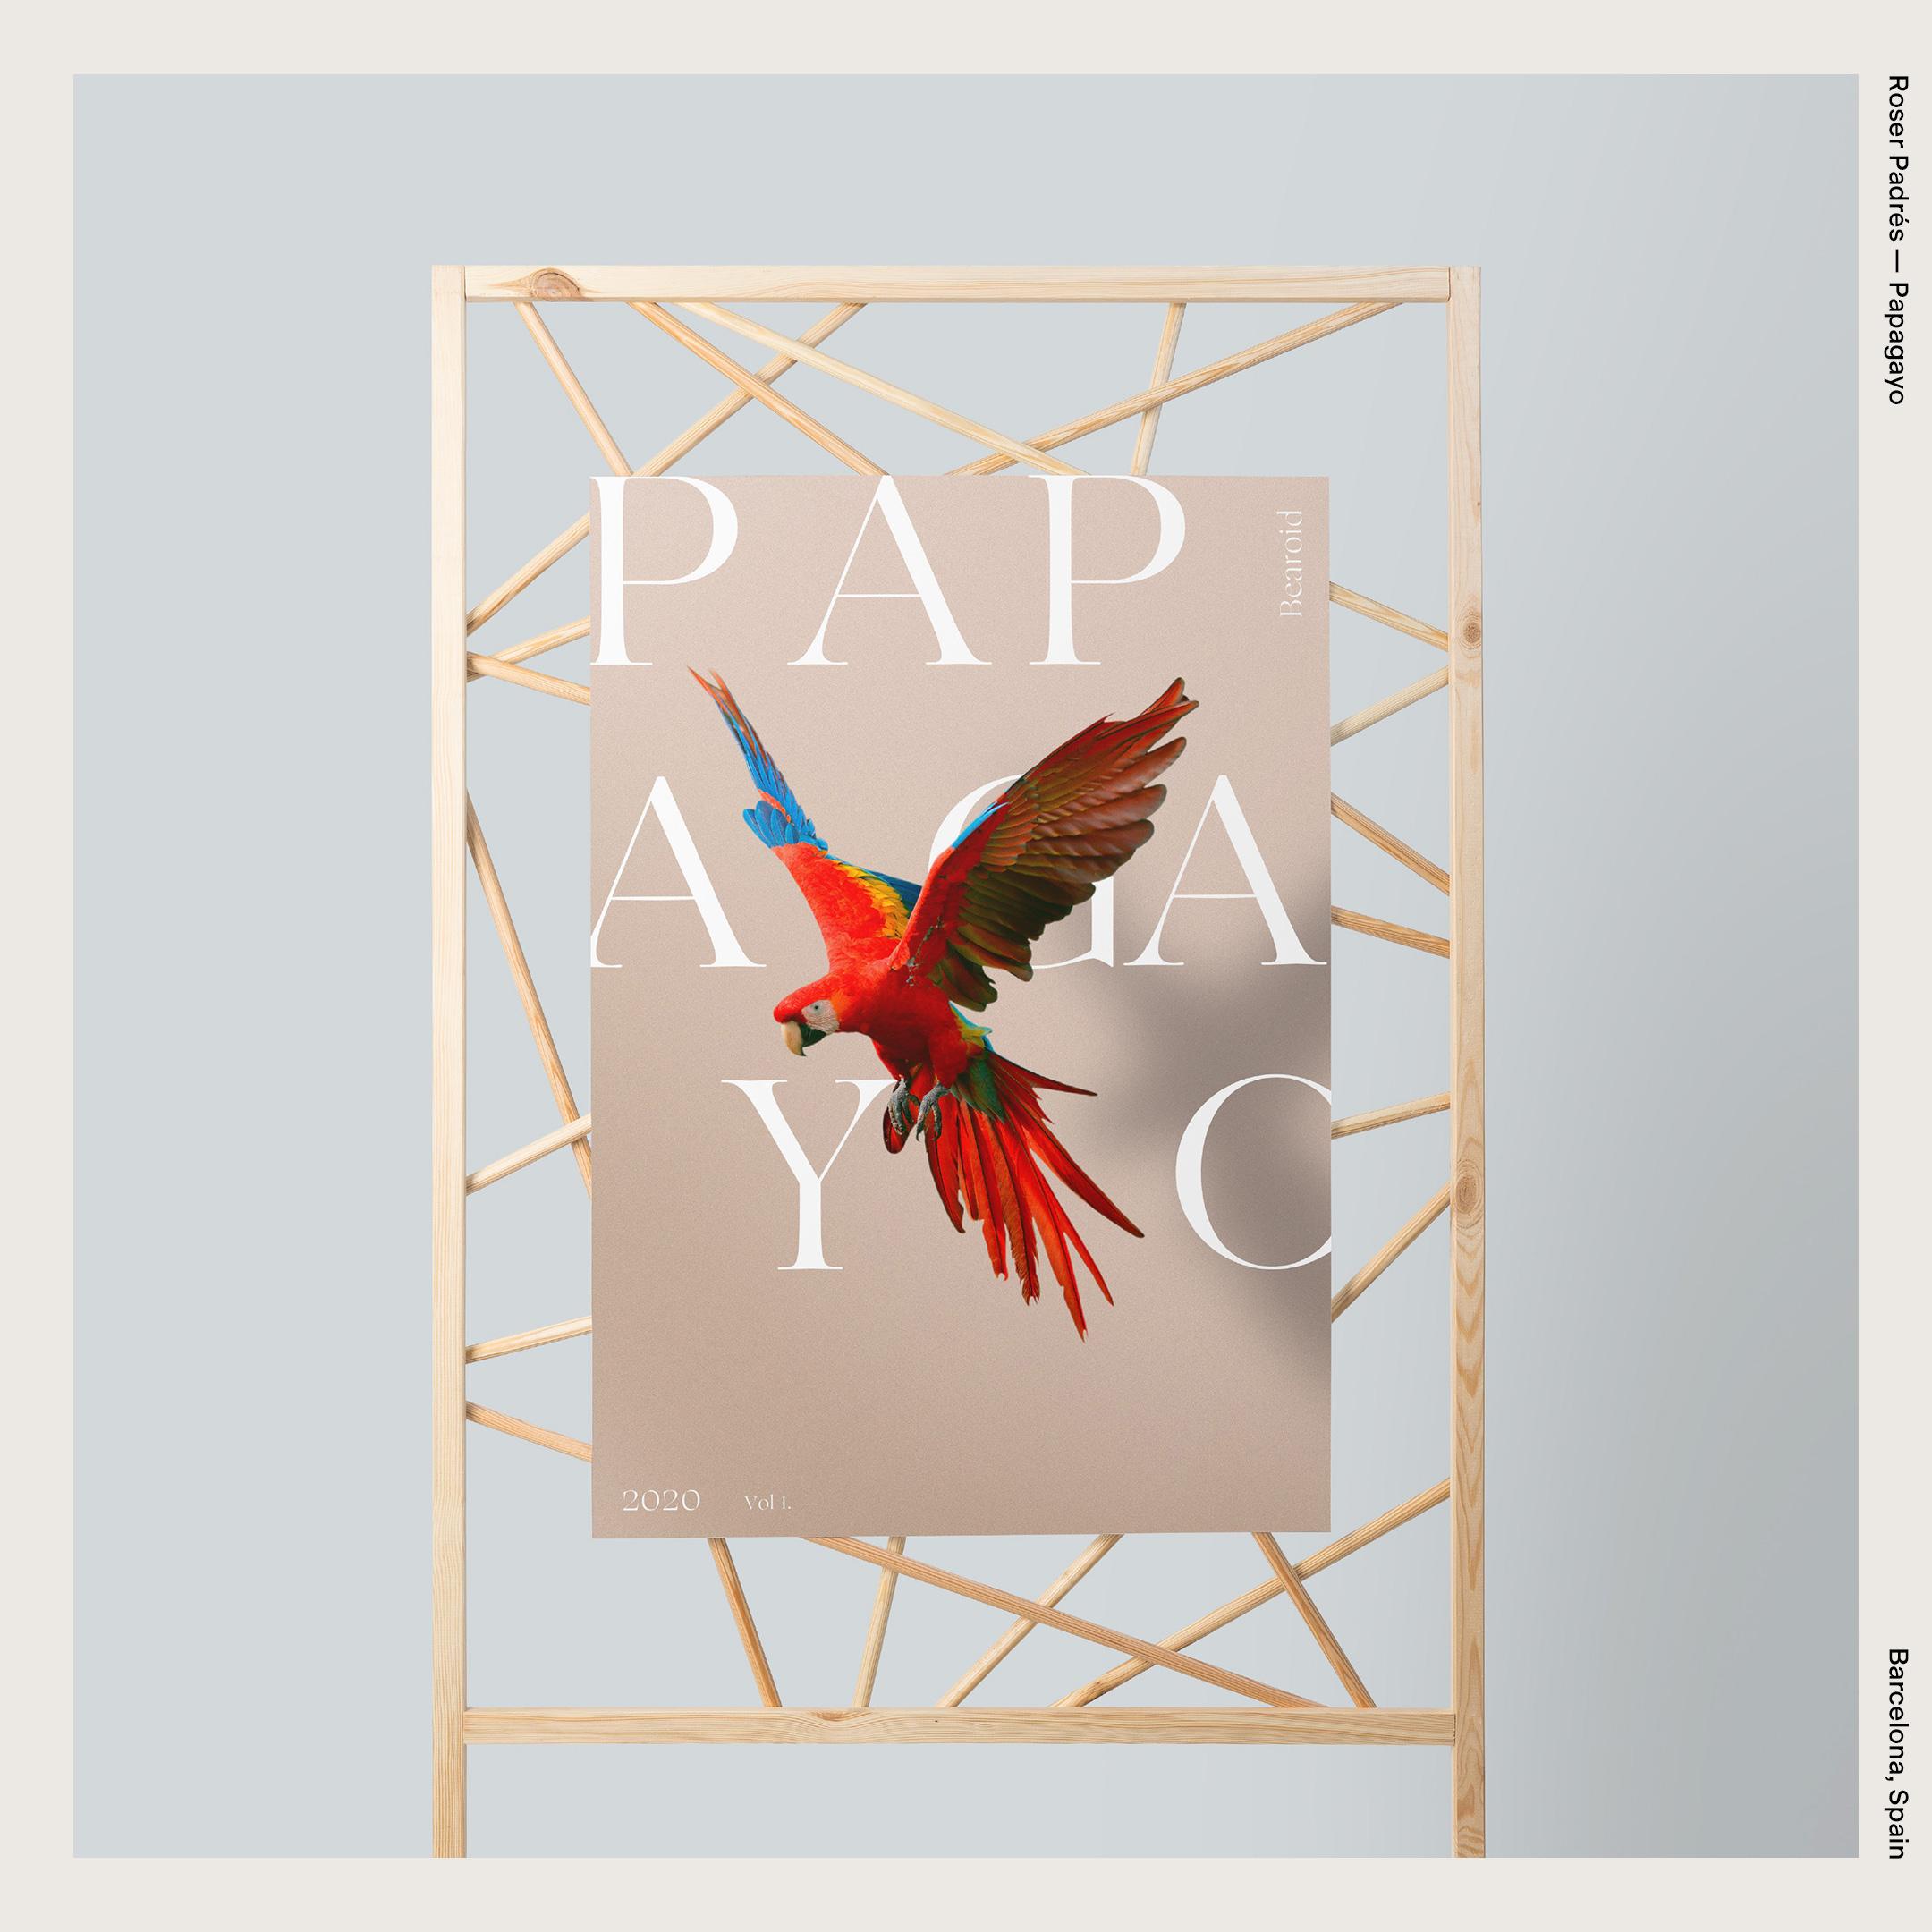 Roser Padrés — Papagayo